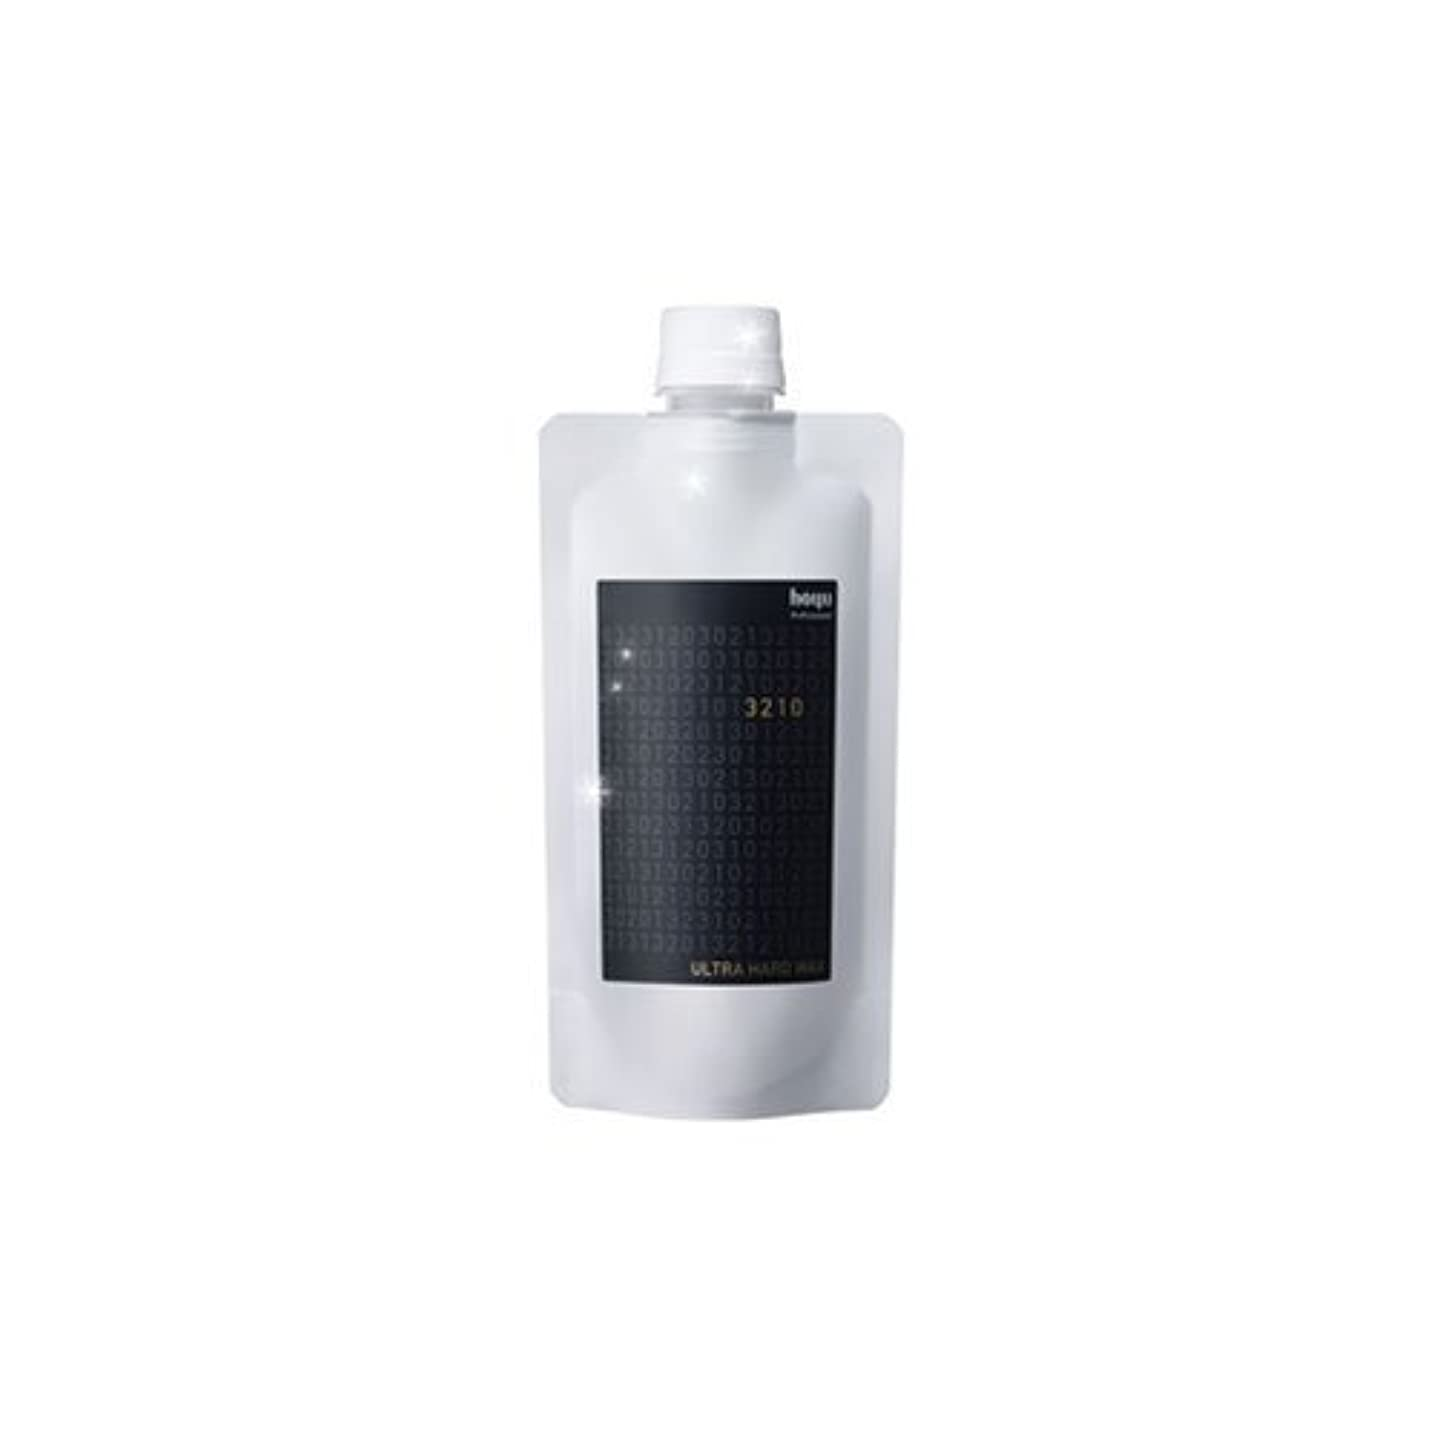 受粉者規則性糞ホーユー 3211 (ミニーレ) ウルトラハードワックス 200g (詰替)